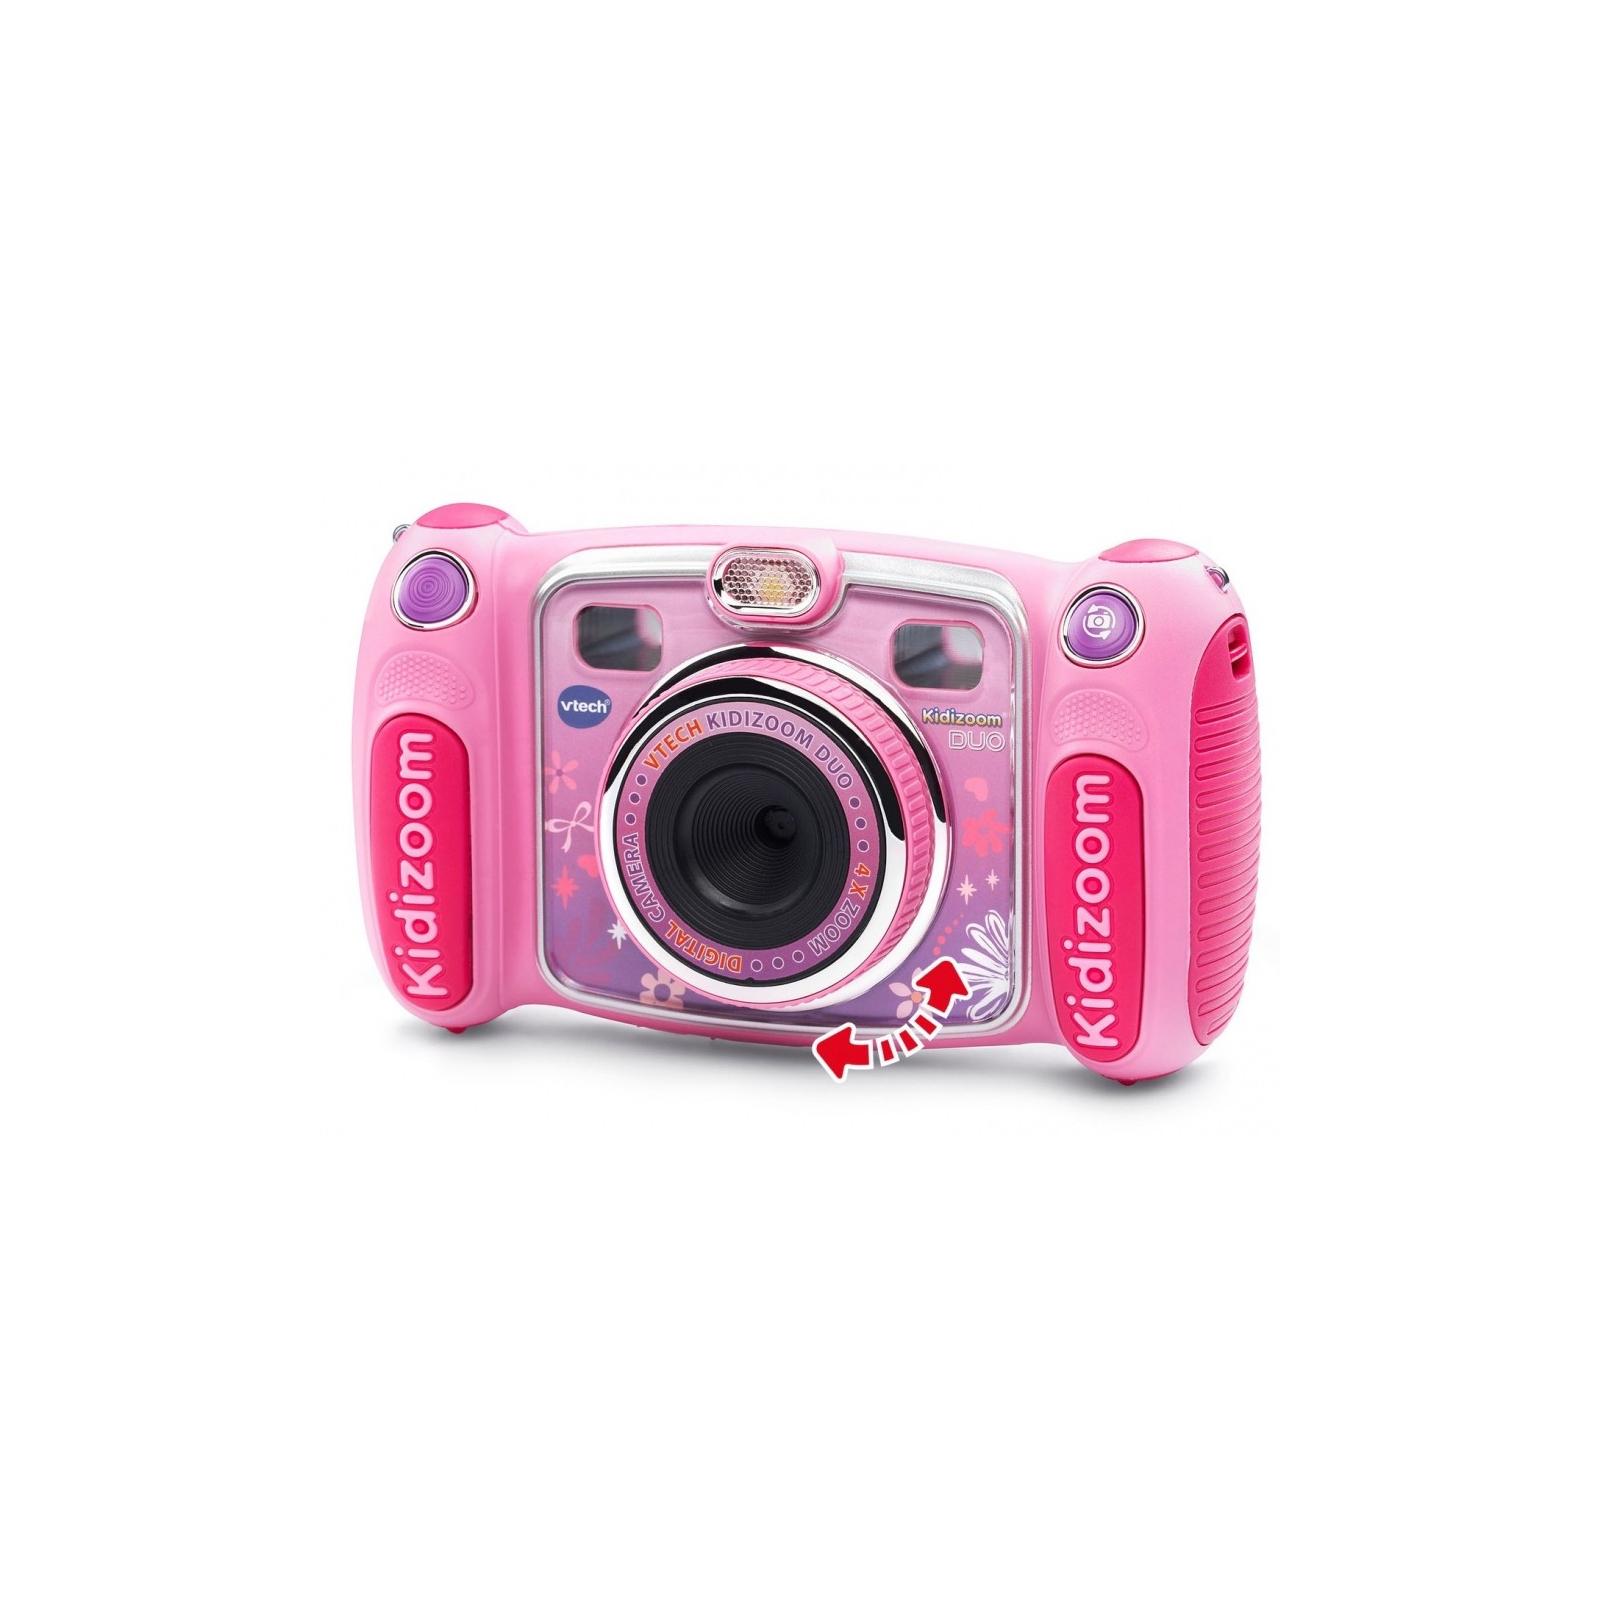 Интерактивная игрушка VTech Детская цифровая фотокамера Kidizoom Duo Pink (80-170853) изображение 3